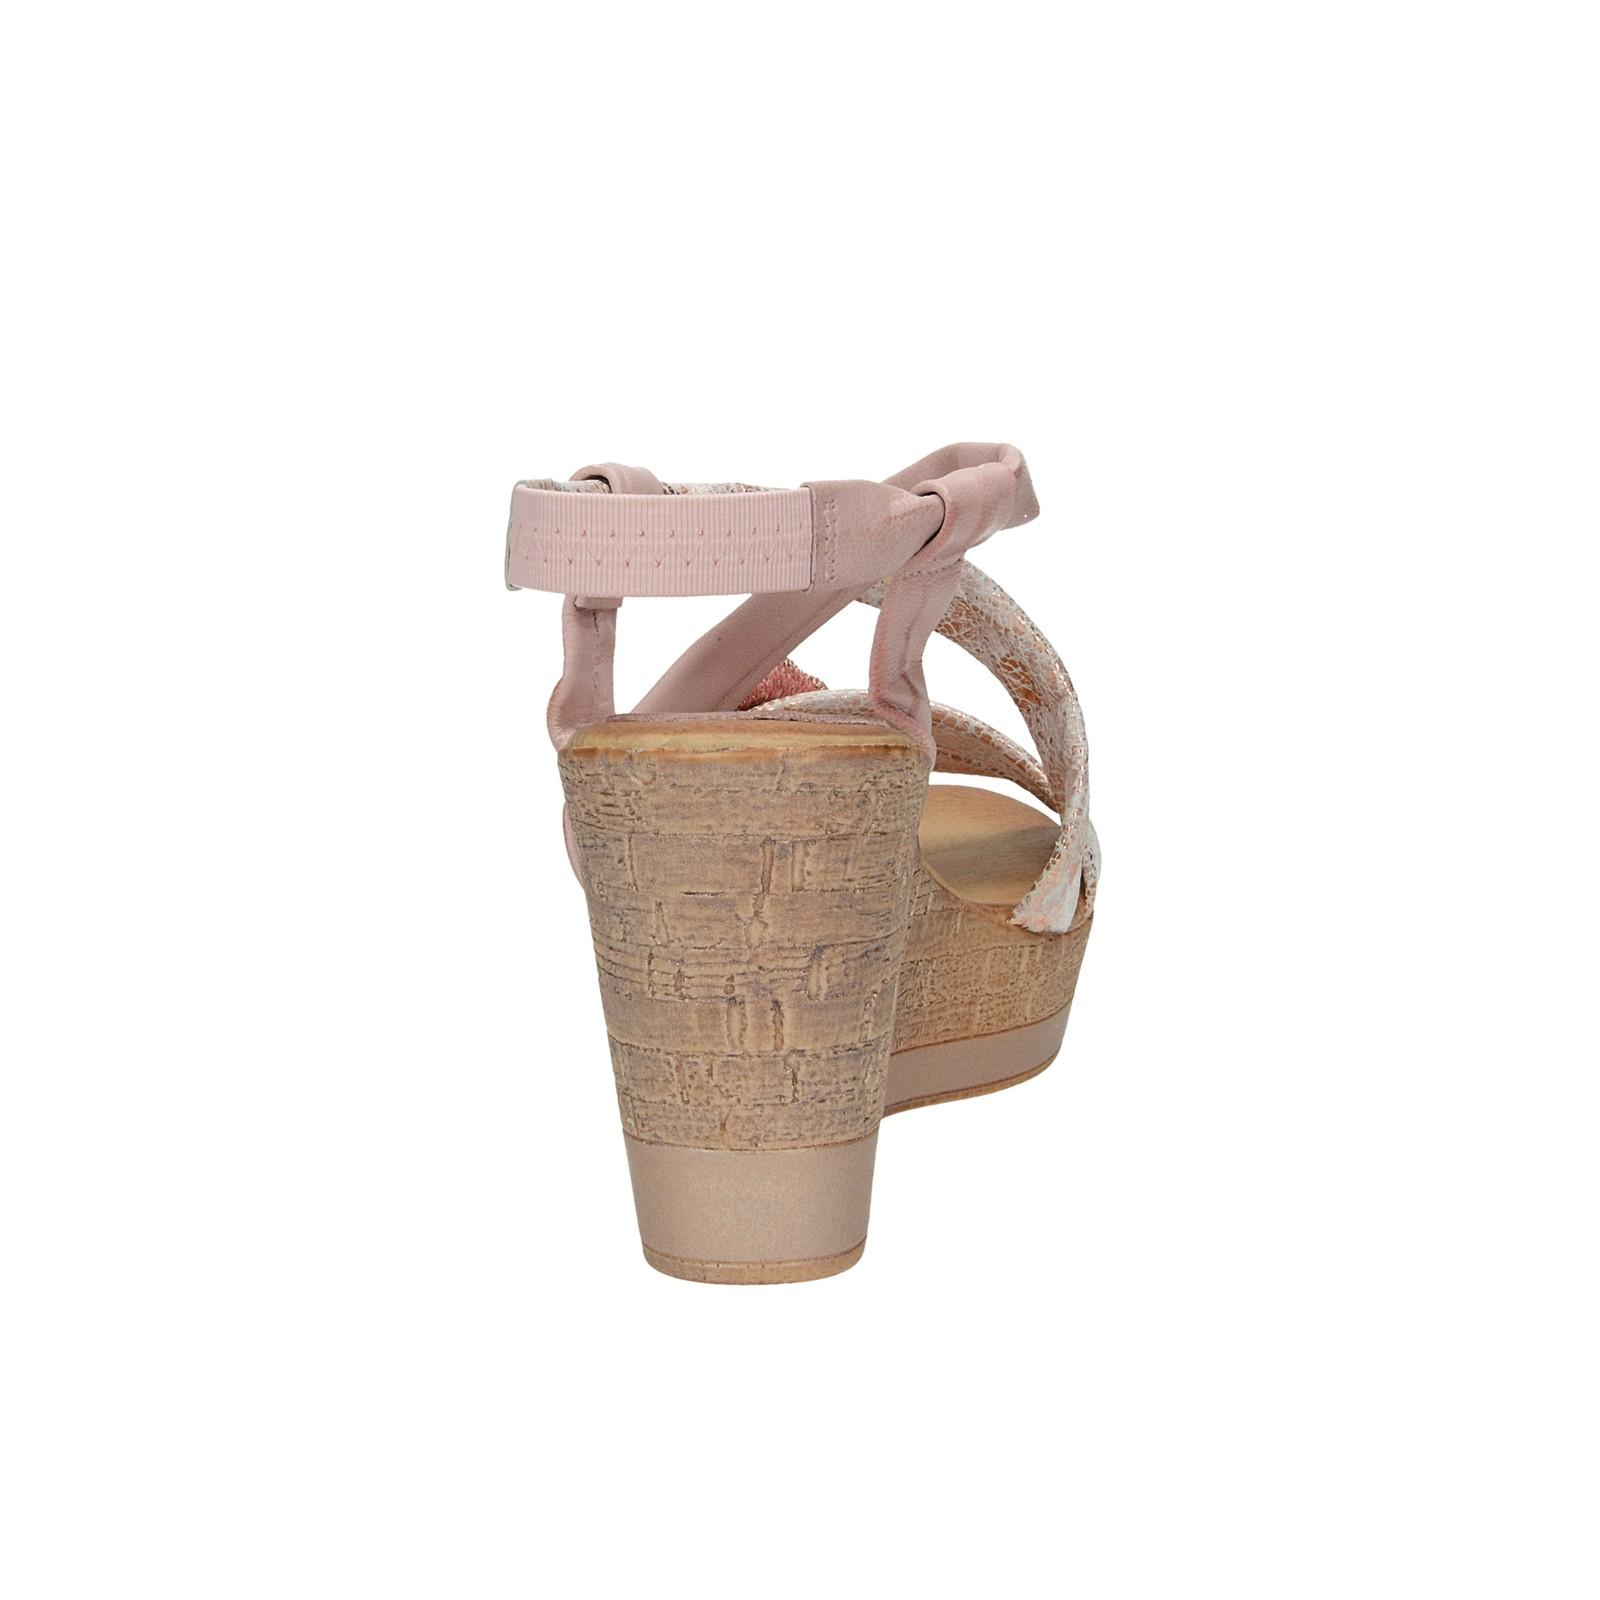 c28e57c8c15a4 ... Marila dámske kožené sandále na klinovej podrážke - ružové ...